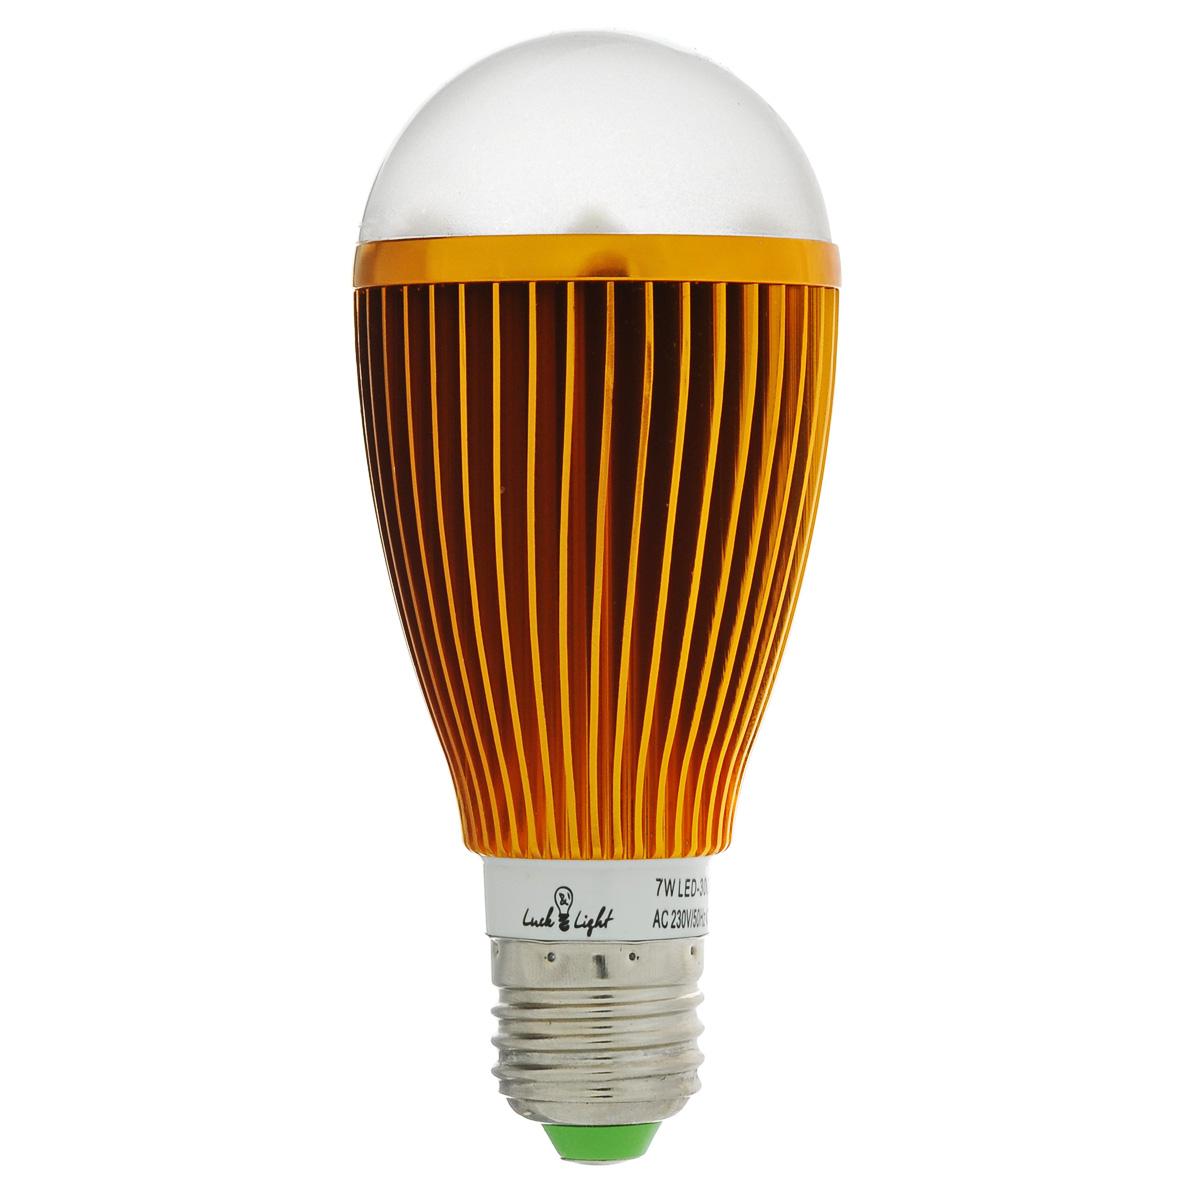 Светодиодная лампа Luck & Light, теплый свет, цоколь E27, 7W. L&L-B7WC-WB7WC-WСветодиодная лампа Luck & Light инновационный и экологичный продукт, специально разработанный для эффективной замены любых видов галогенных или обыкновенных ламп накаливания во всех типах осветительных приборов. Основные преимущества лампы Luck & Light: Экономия до 80 % энергии. Средний срок службы 30000 ч.